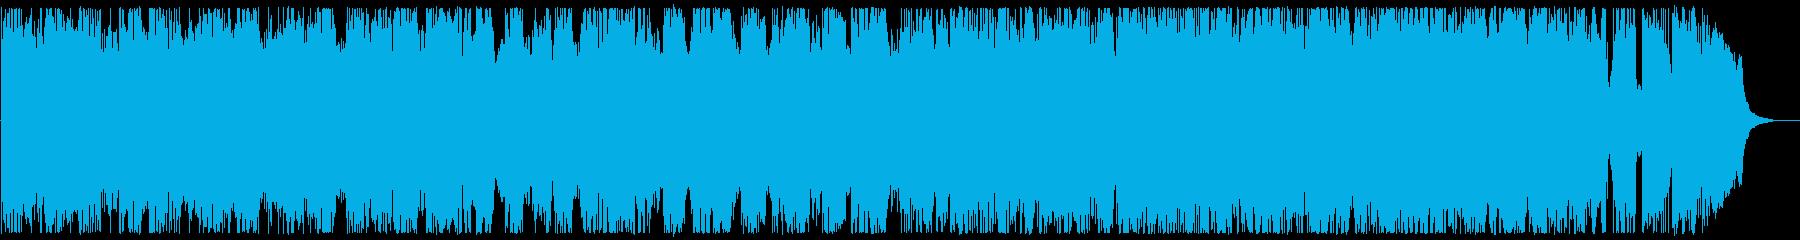 45秒 ヘビーメタル ダークフィールドの再生済みの波形